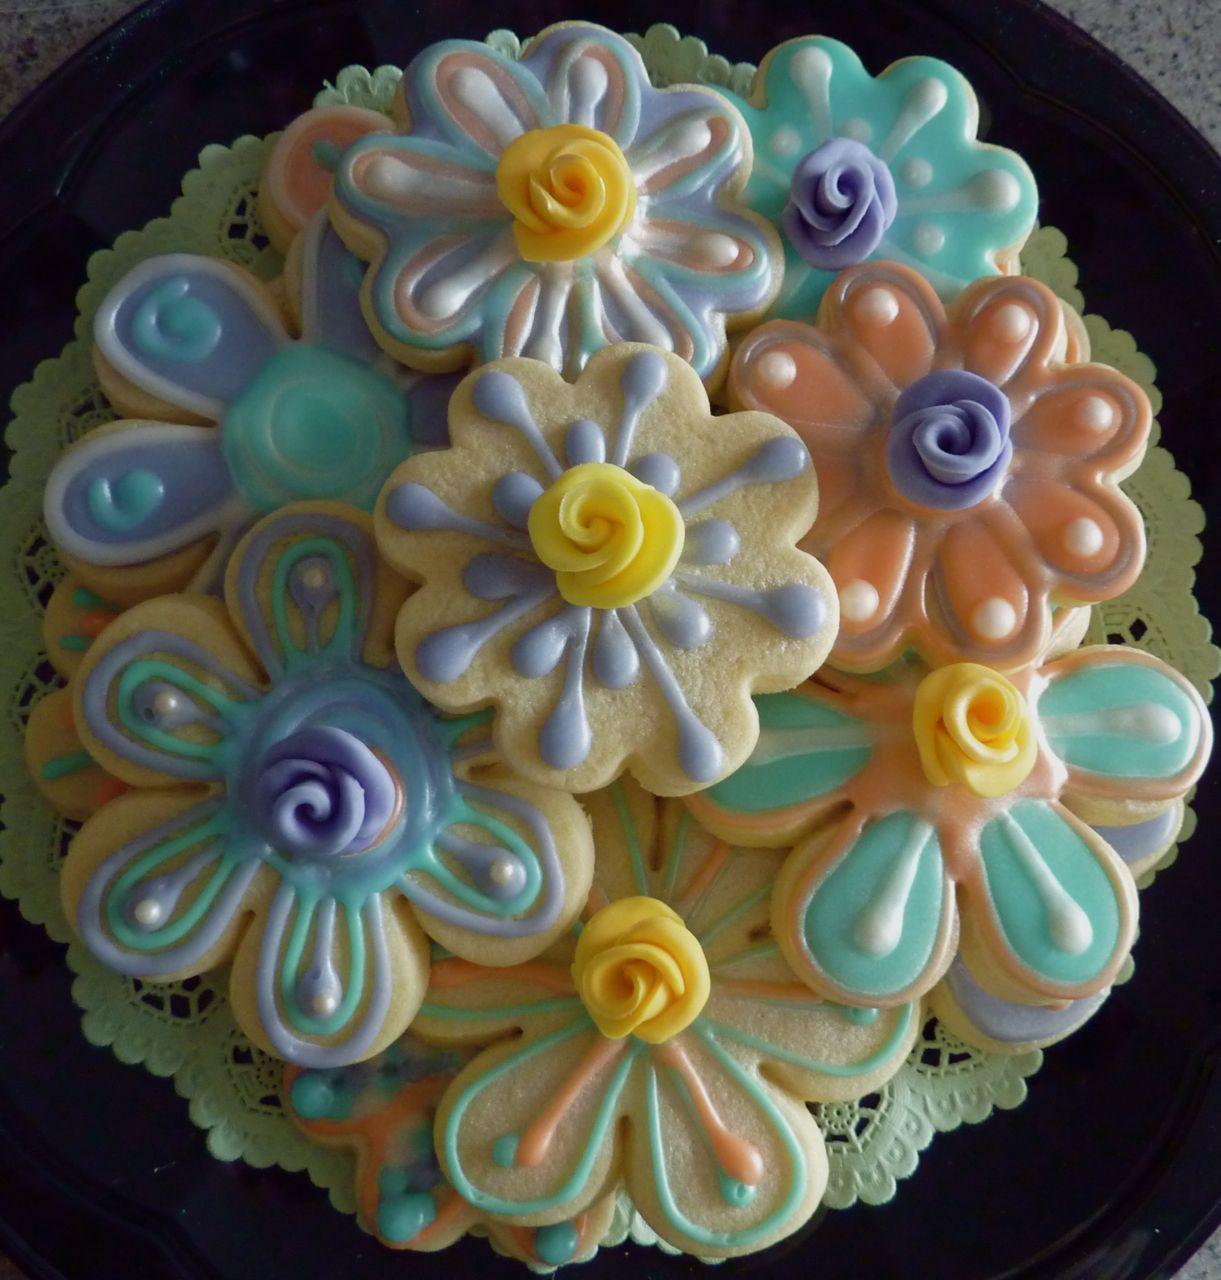 Decorated Flower Sugar Cookies